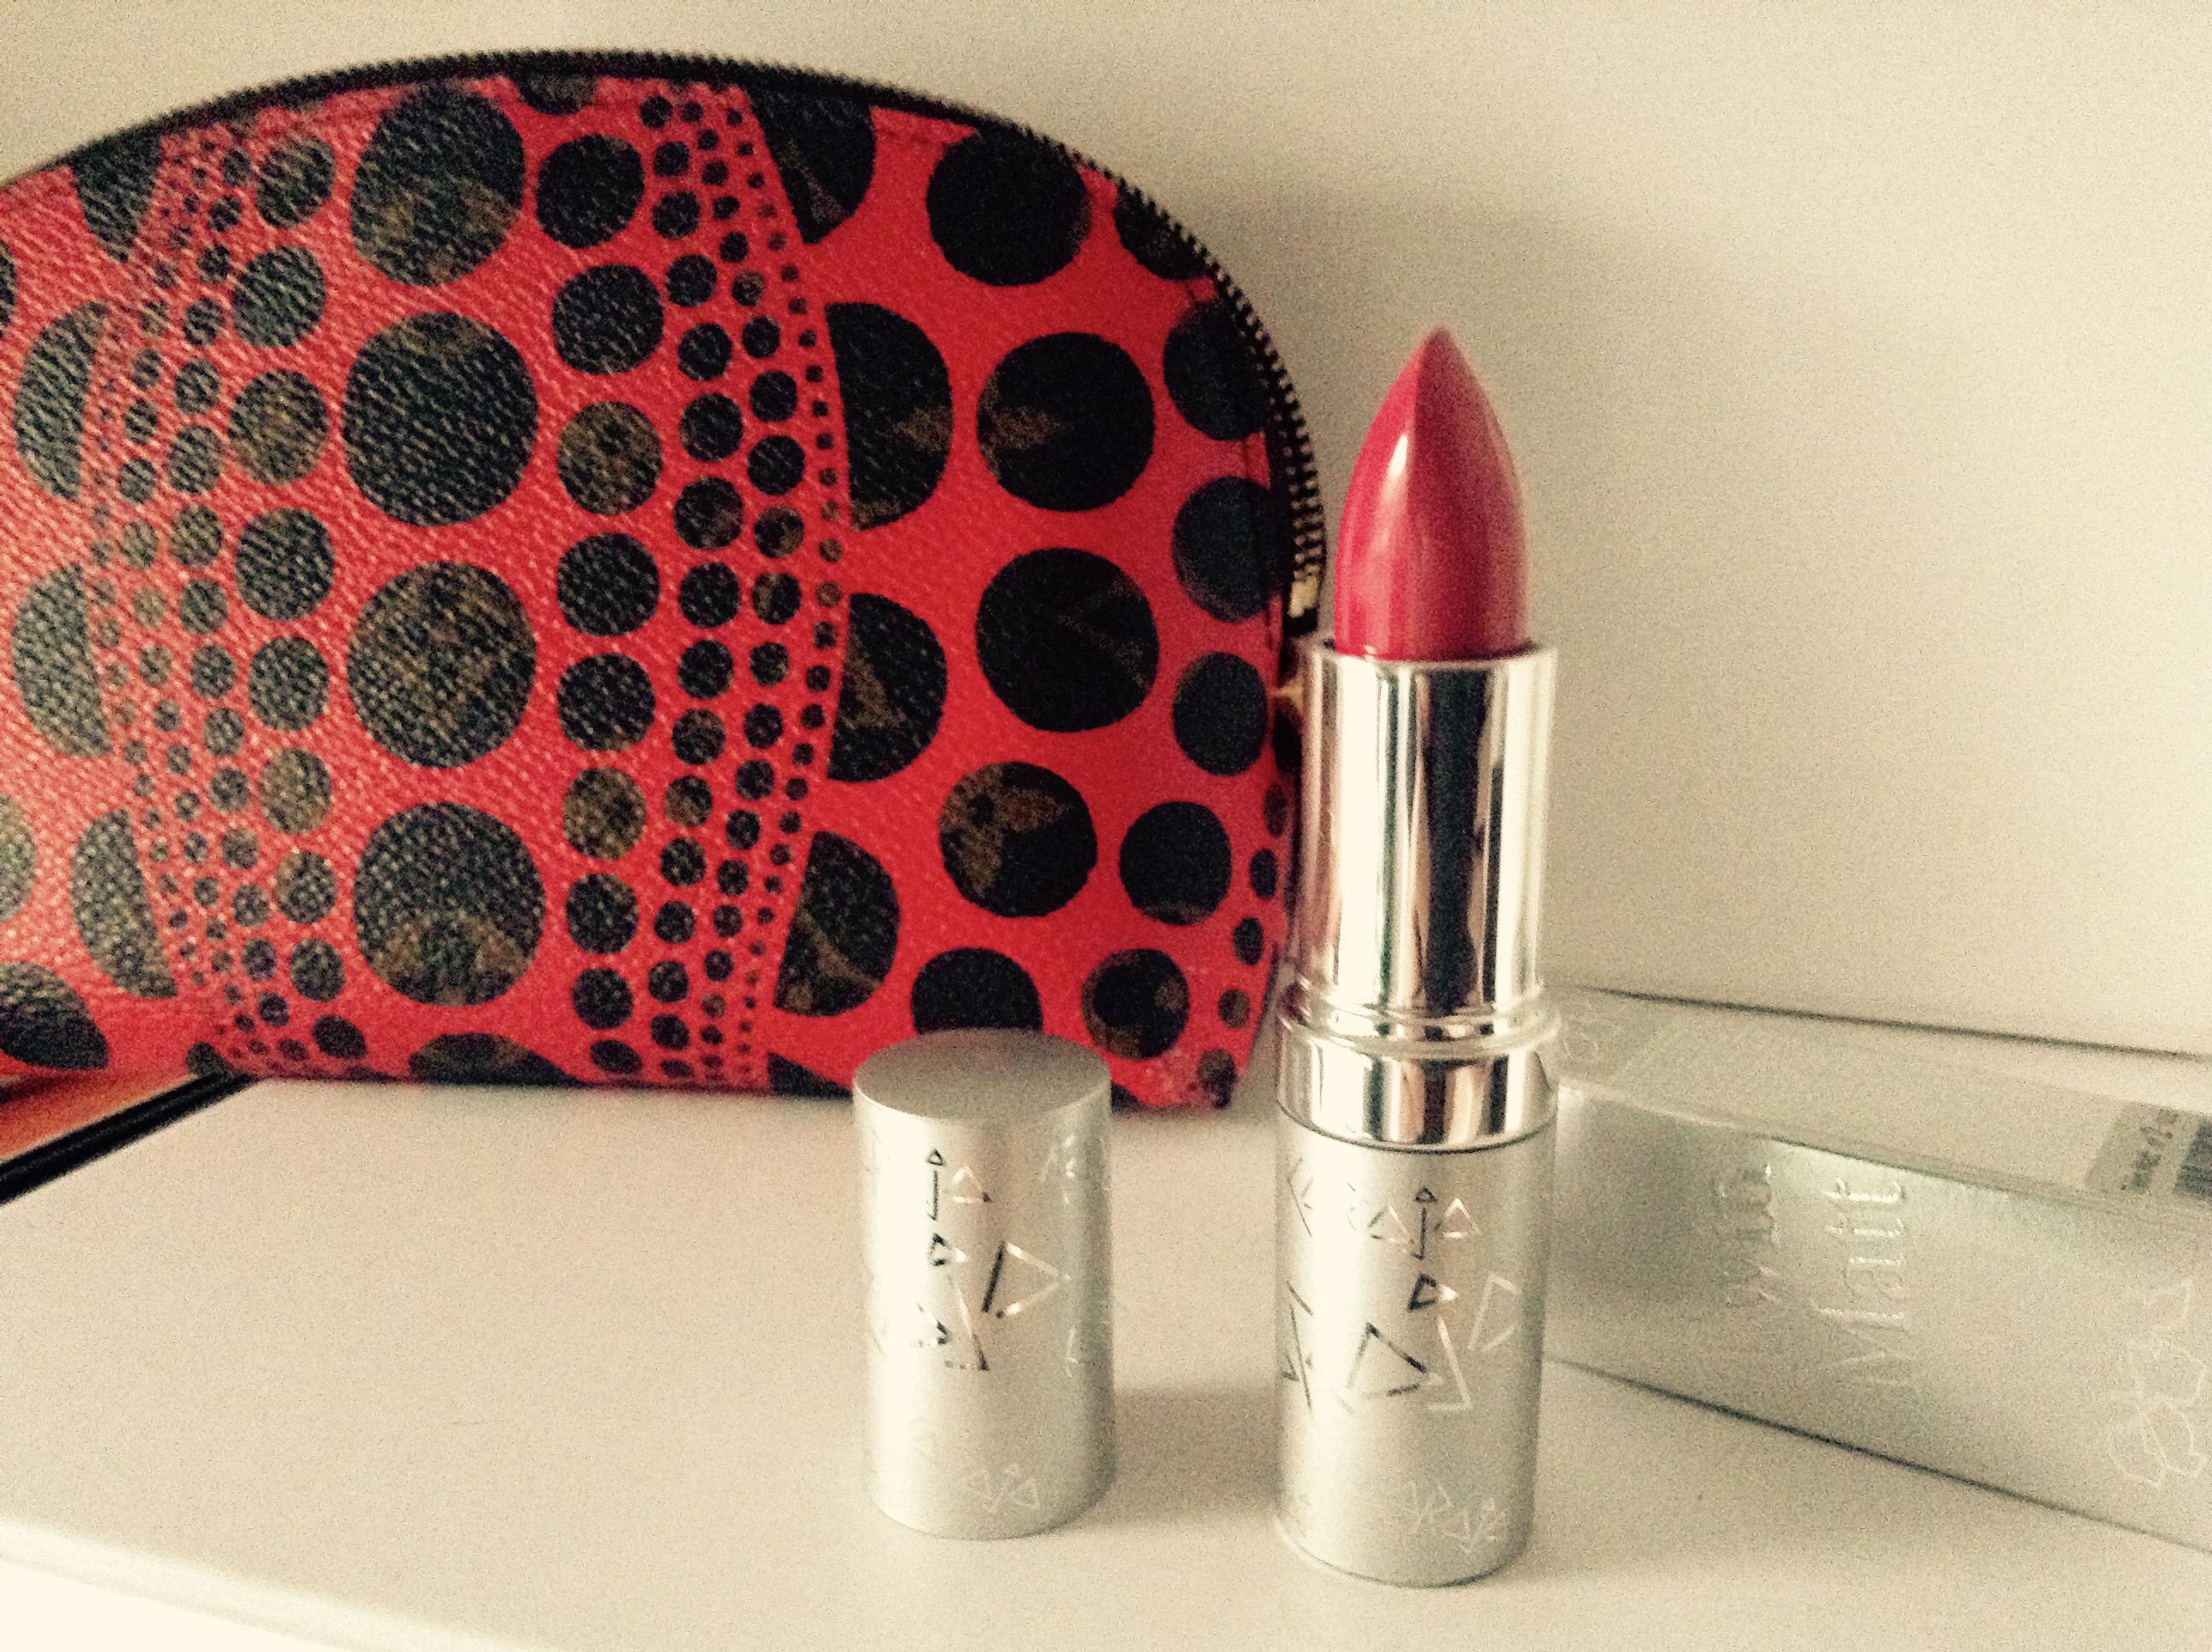 Discover Italian Brand Karaja's Twin Matt Lipstick